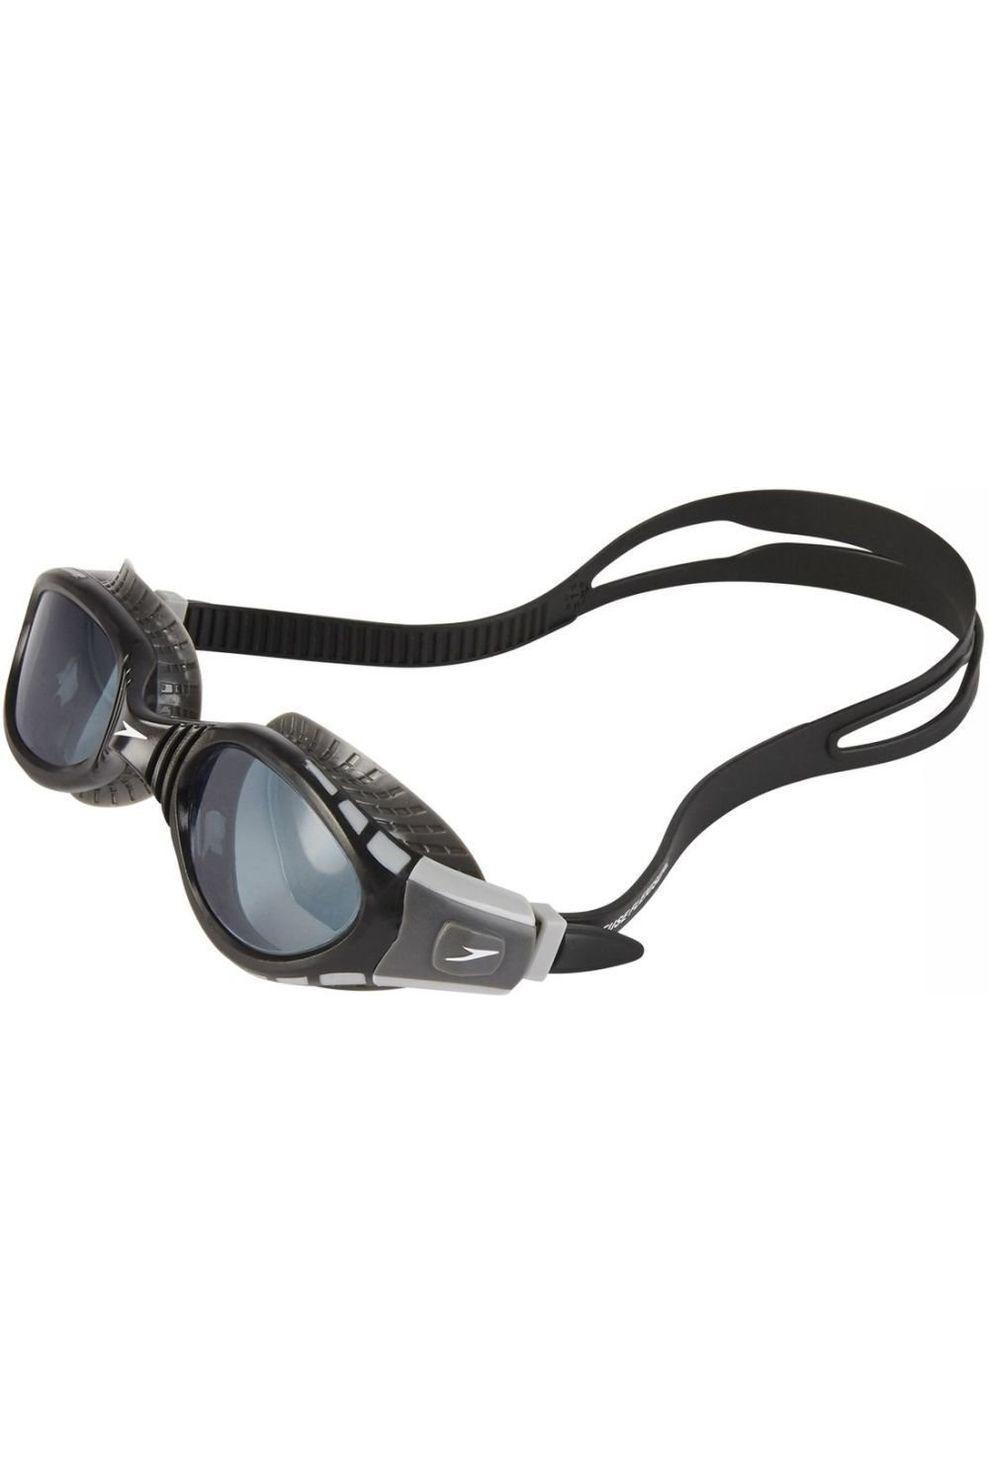 Speedo Zwembril Goggles Fut Biofus Flex Bla P14 - Zwart